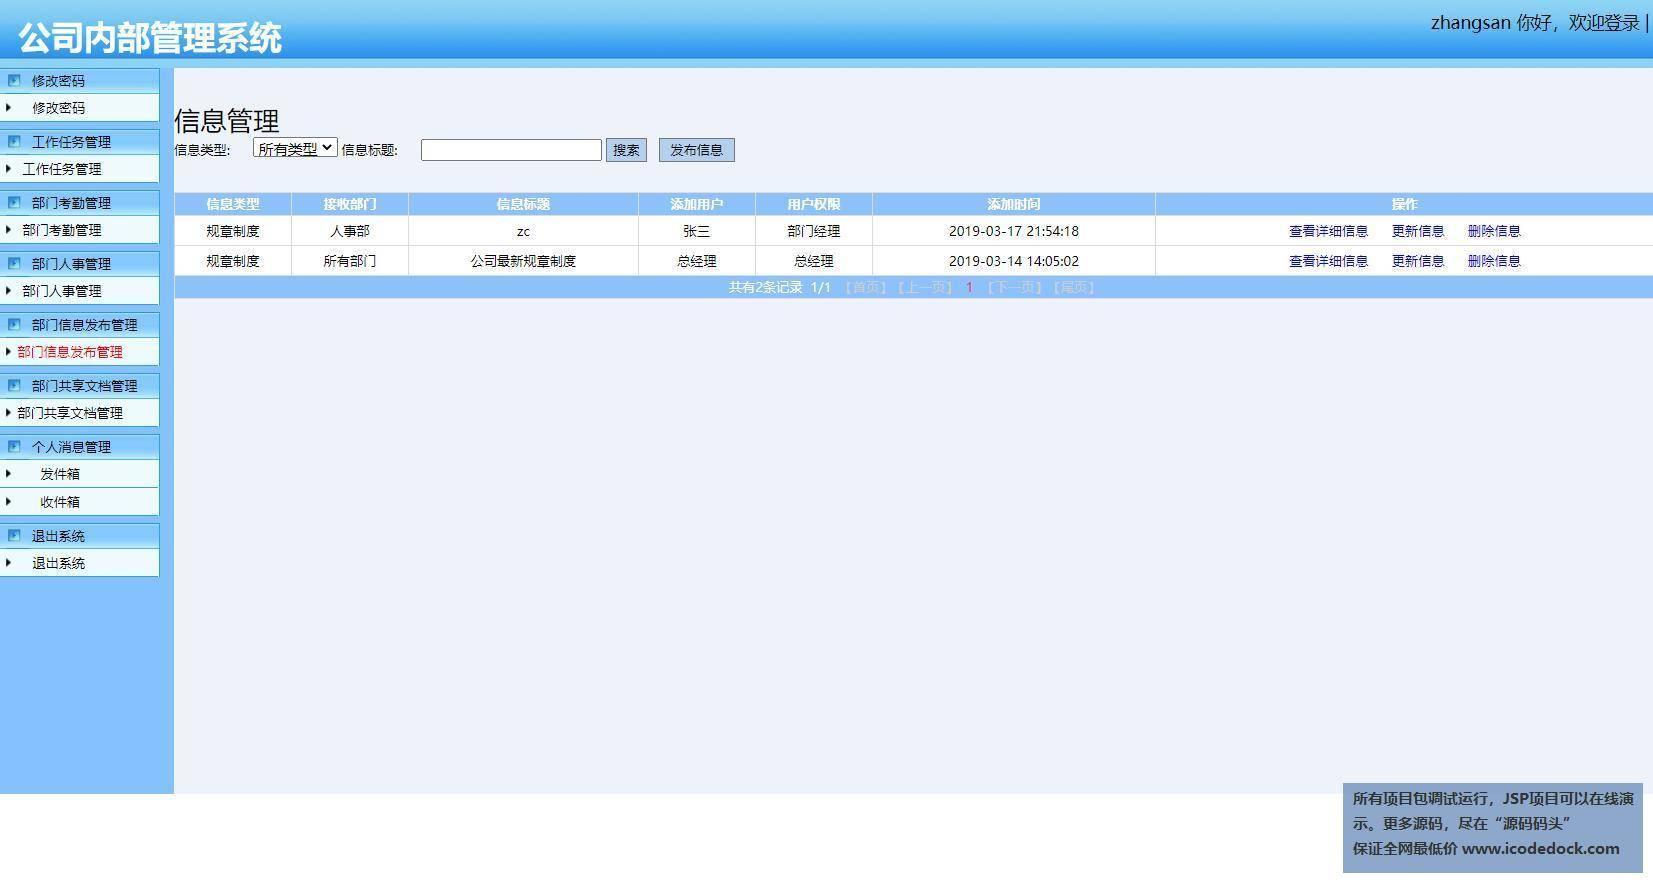 源码码头-SSH公司内部办公自动化管理系统-部门经理角色-部门信息发布管理